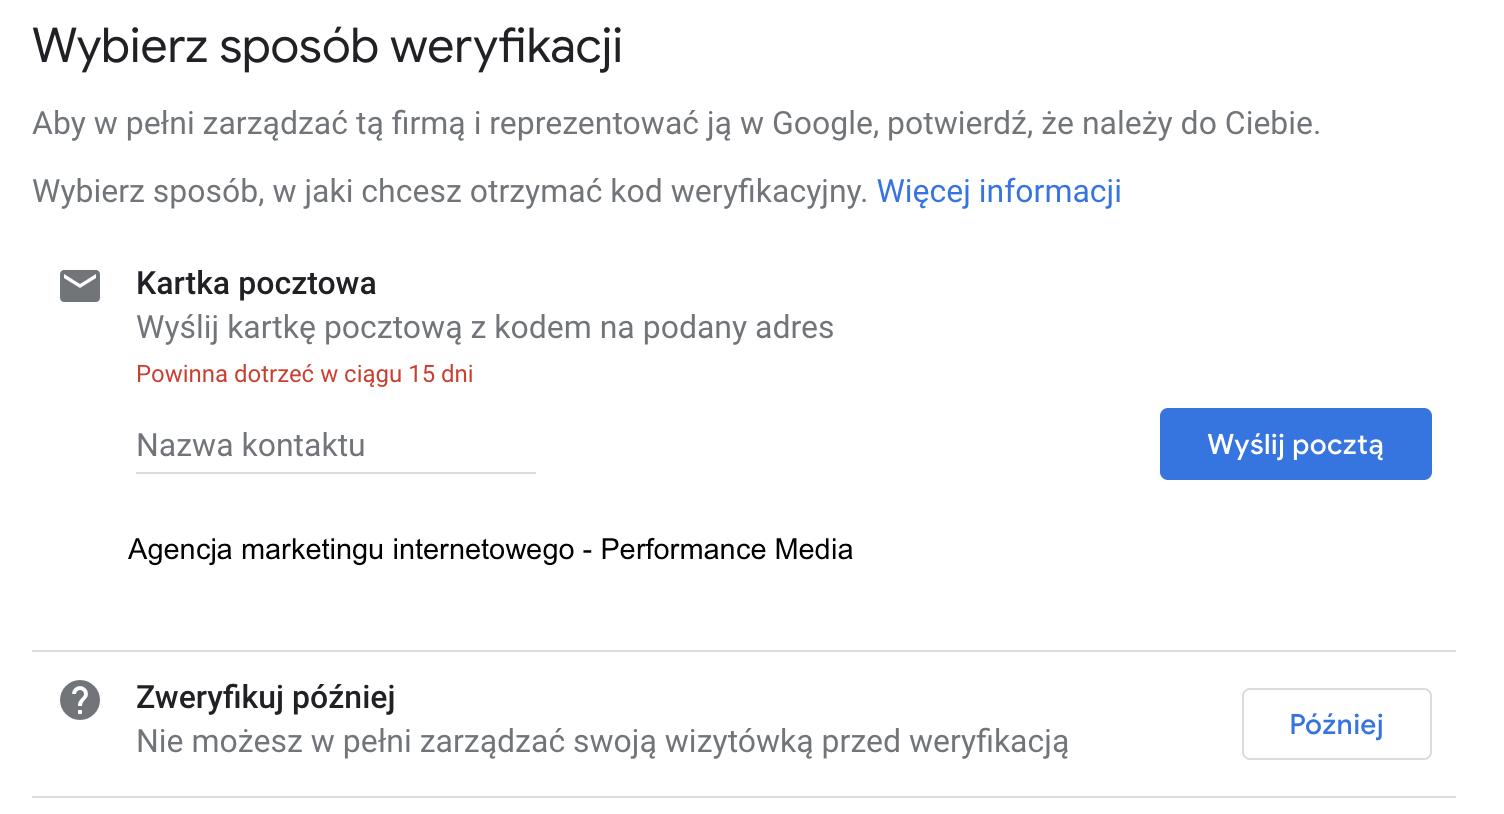 sposoby weryfikacji wizytówki Google